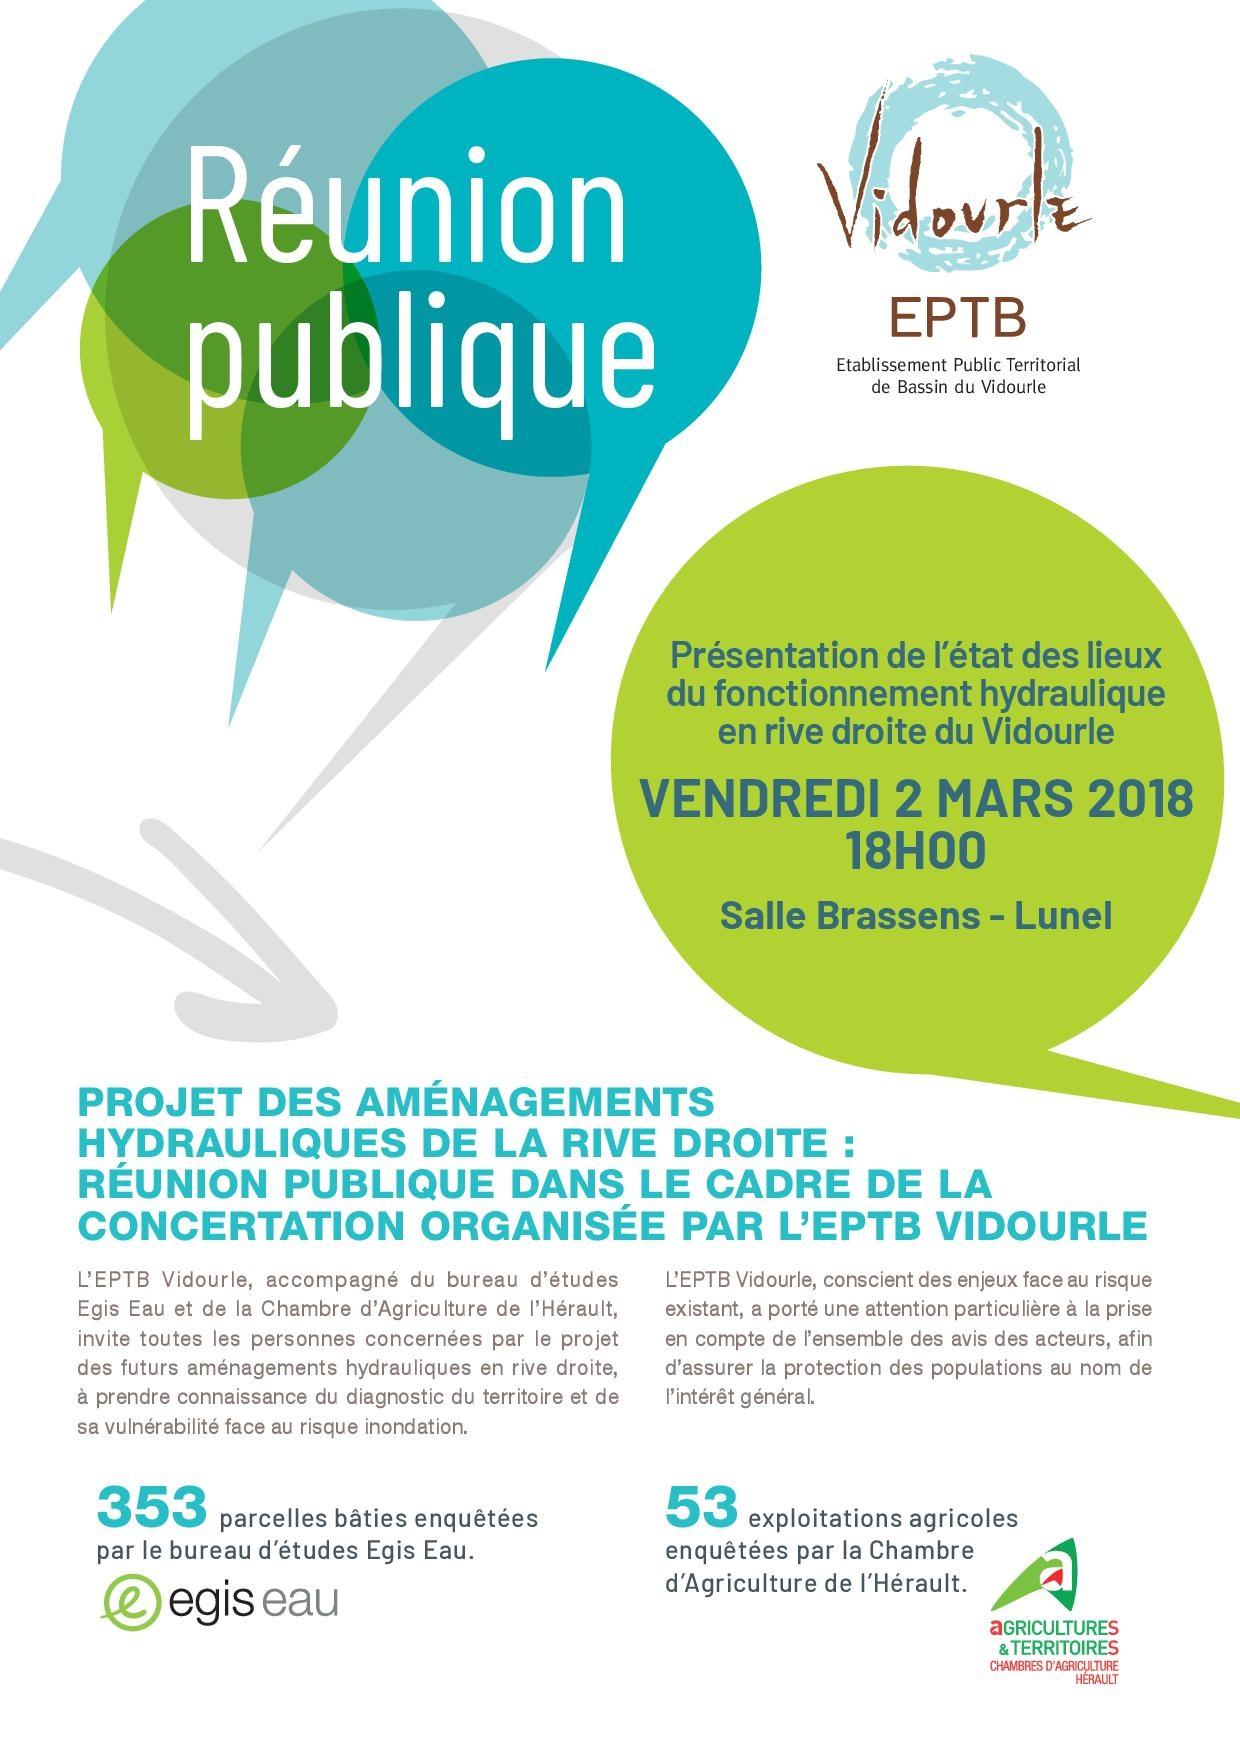 Vendredi 2 mars 2018 – Réunion publique : projet des aménagements hydrauliques de la rive droite